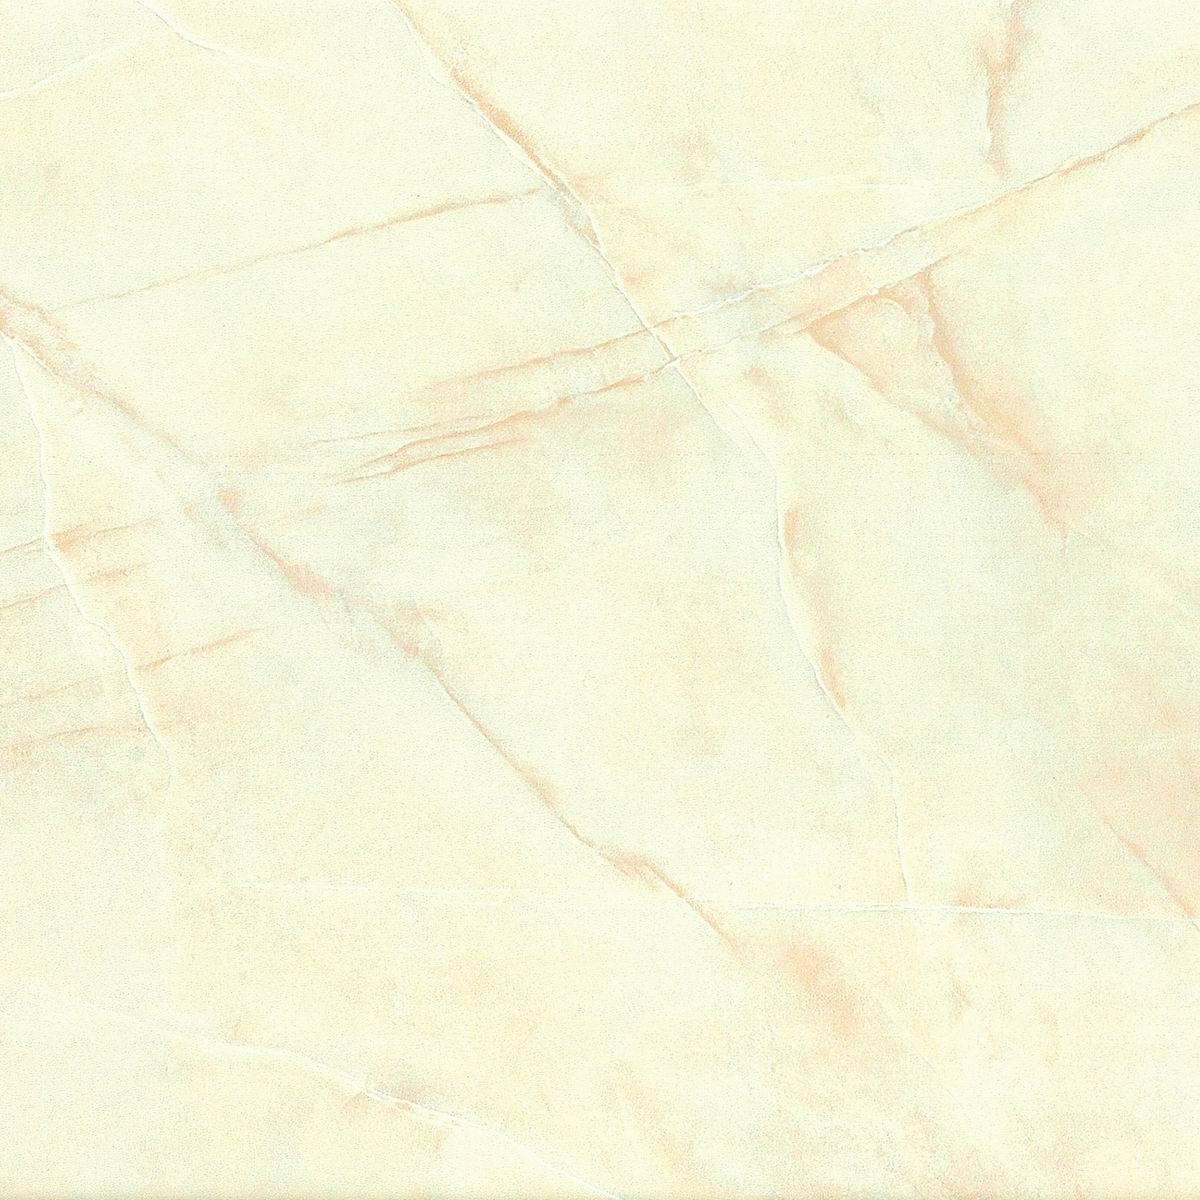 China Non Slip Glazed 3D Inkjet Ceramic Bathroom Wall Tile (H36011 ...